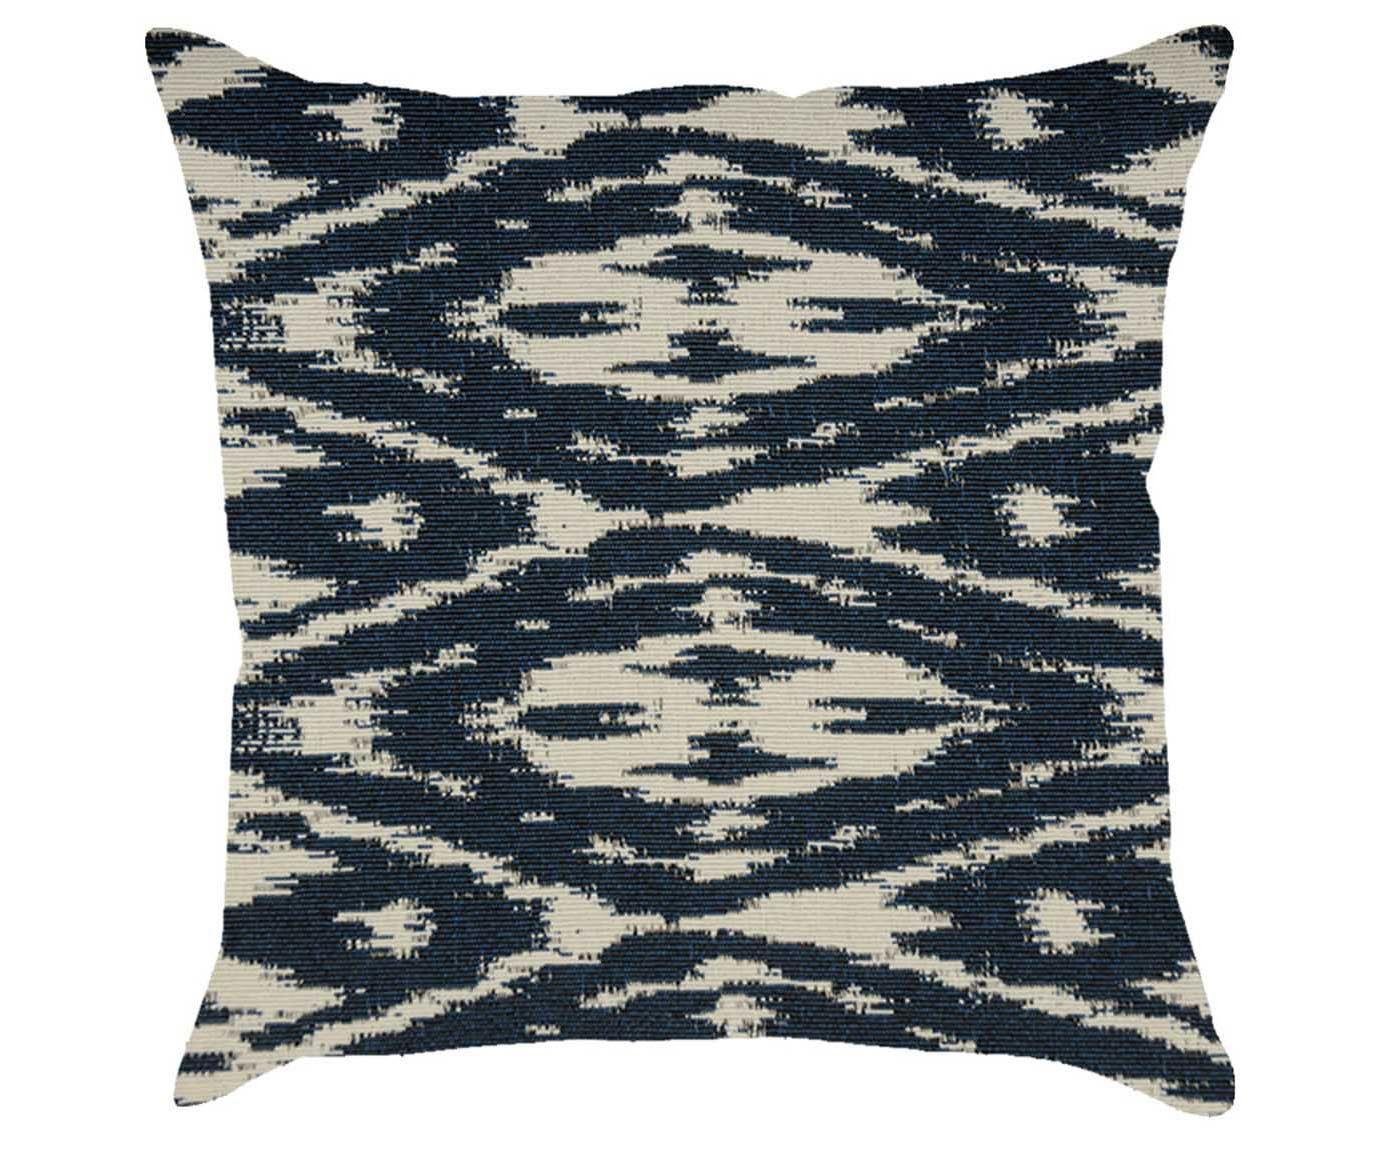 Capa para almofada matkus lana - 45x45cm | Westwing.com.br